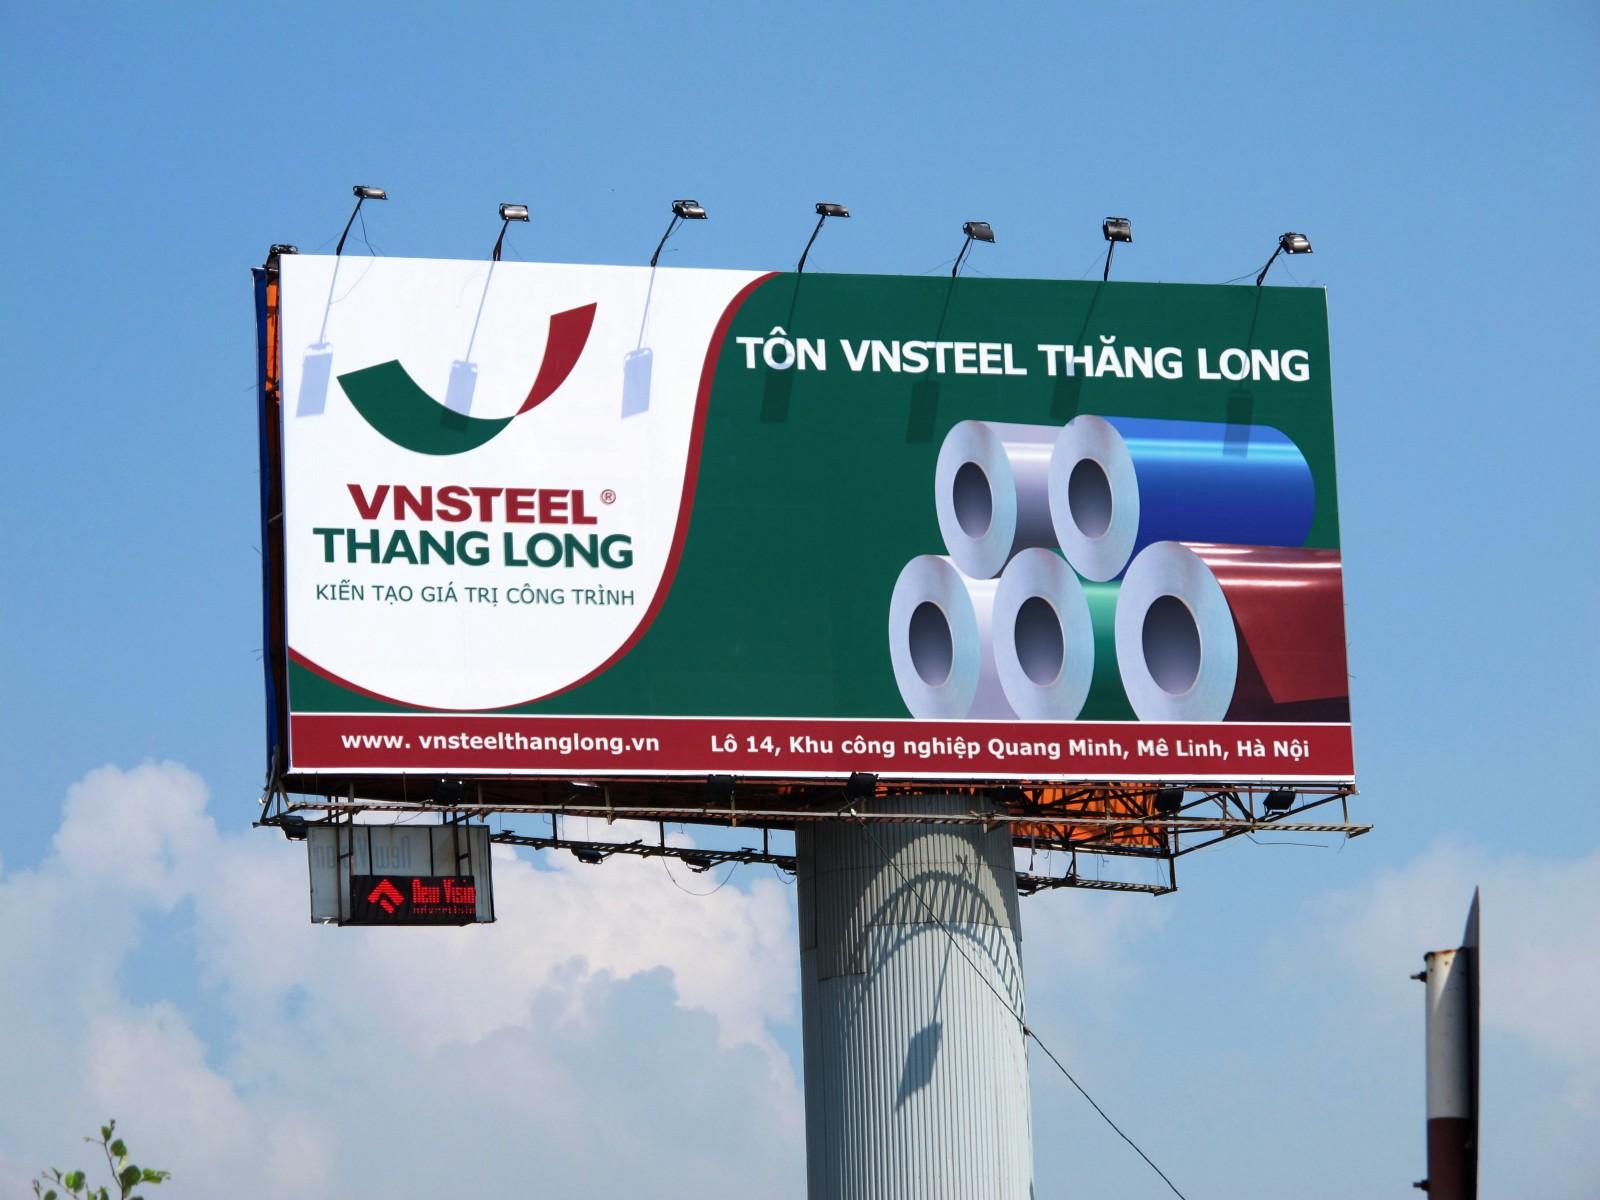 Bảng hiệu cho công ty là một hình thức biển quảng cáo có ghi tên chính thức